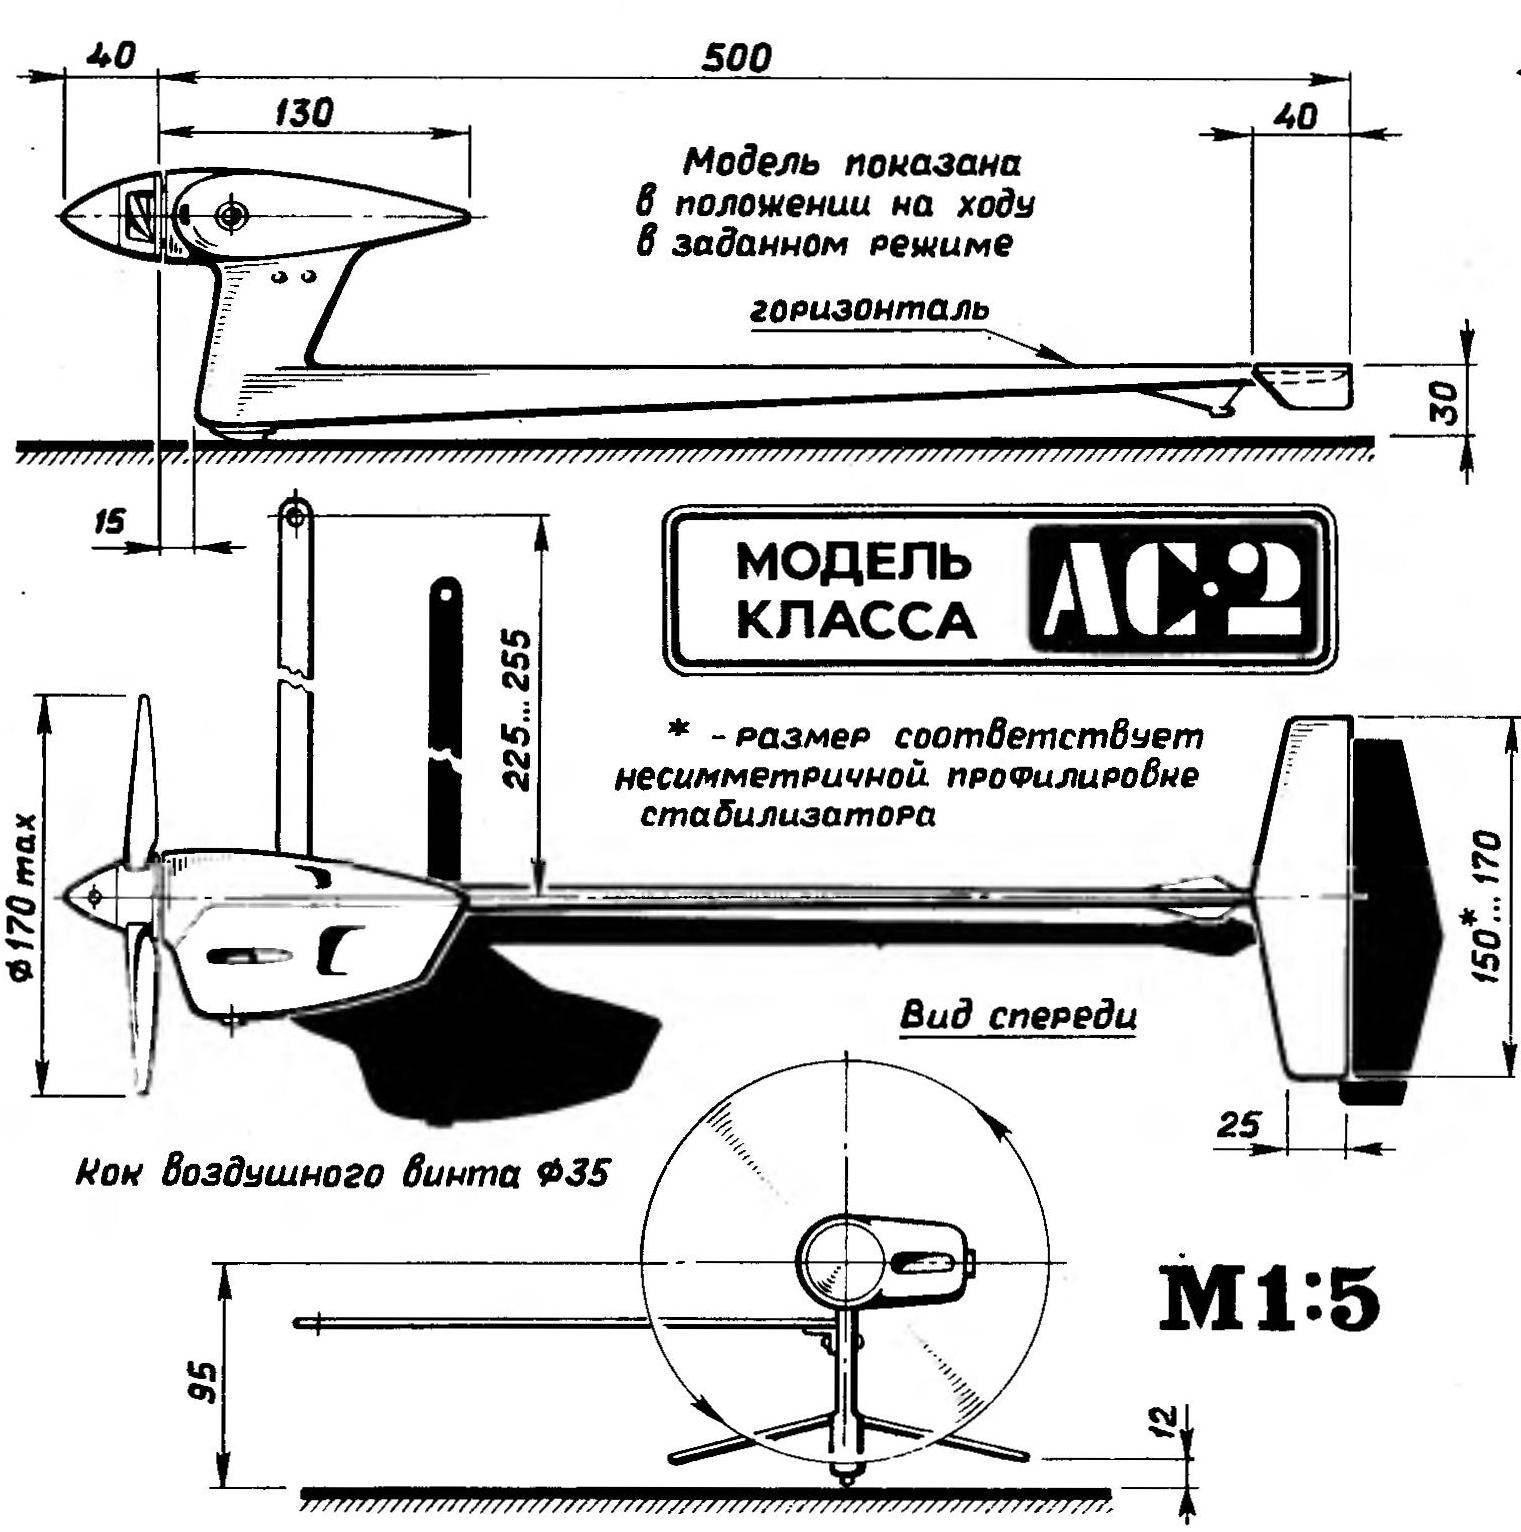 Р и с. 1. Кордовая скоростная модель аэросаней с микродвигателем рабочим объемом 2,5 см3